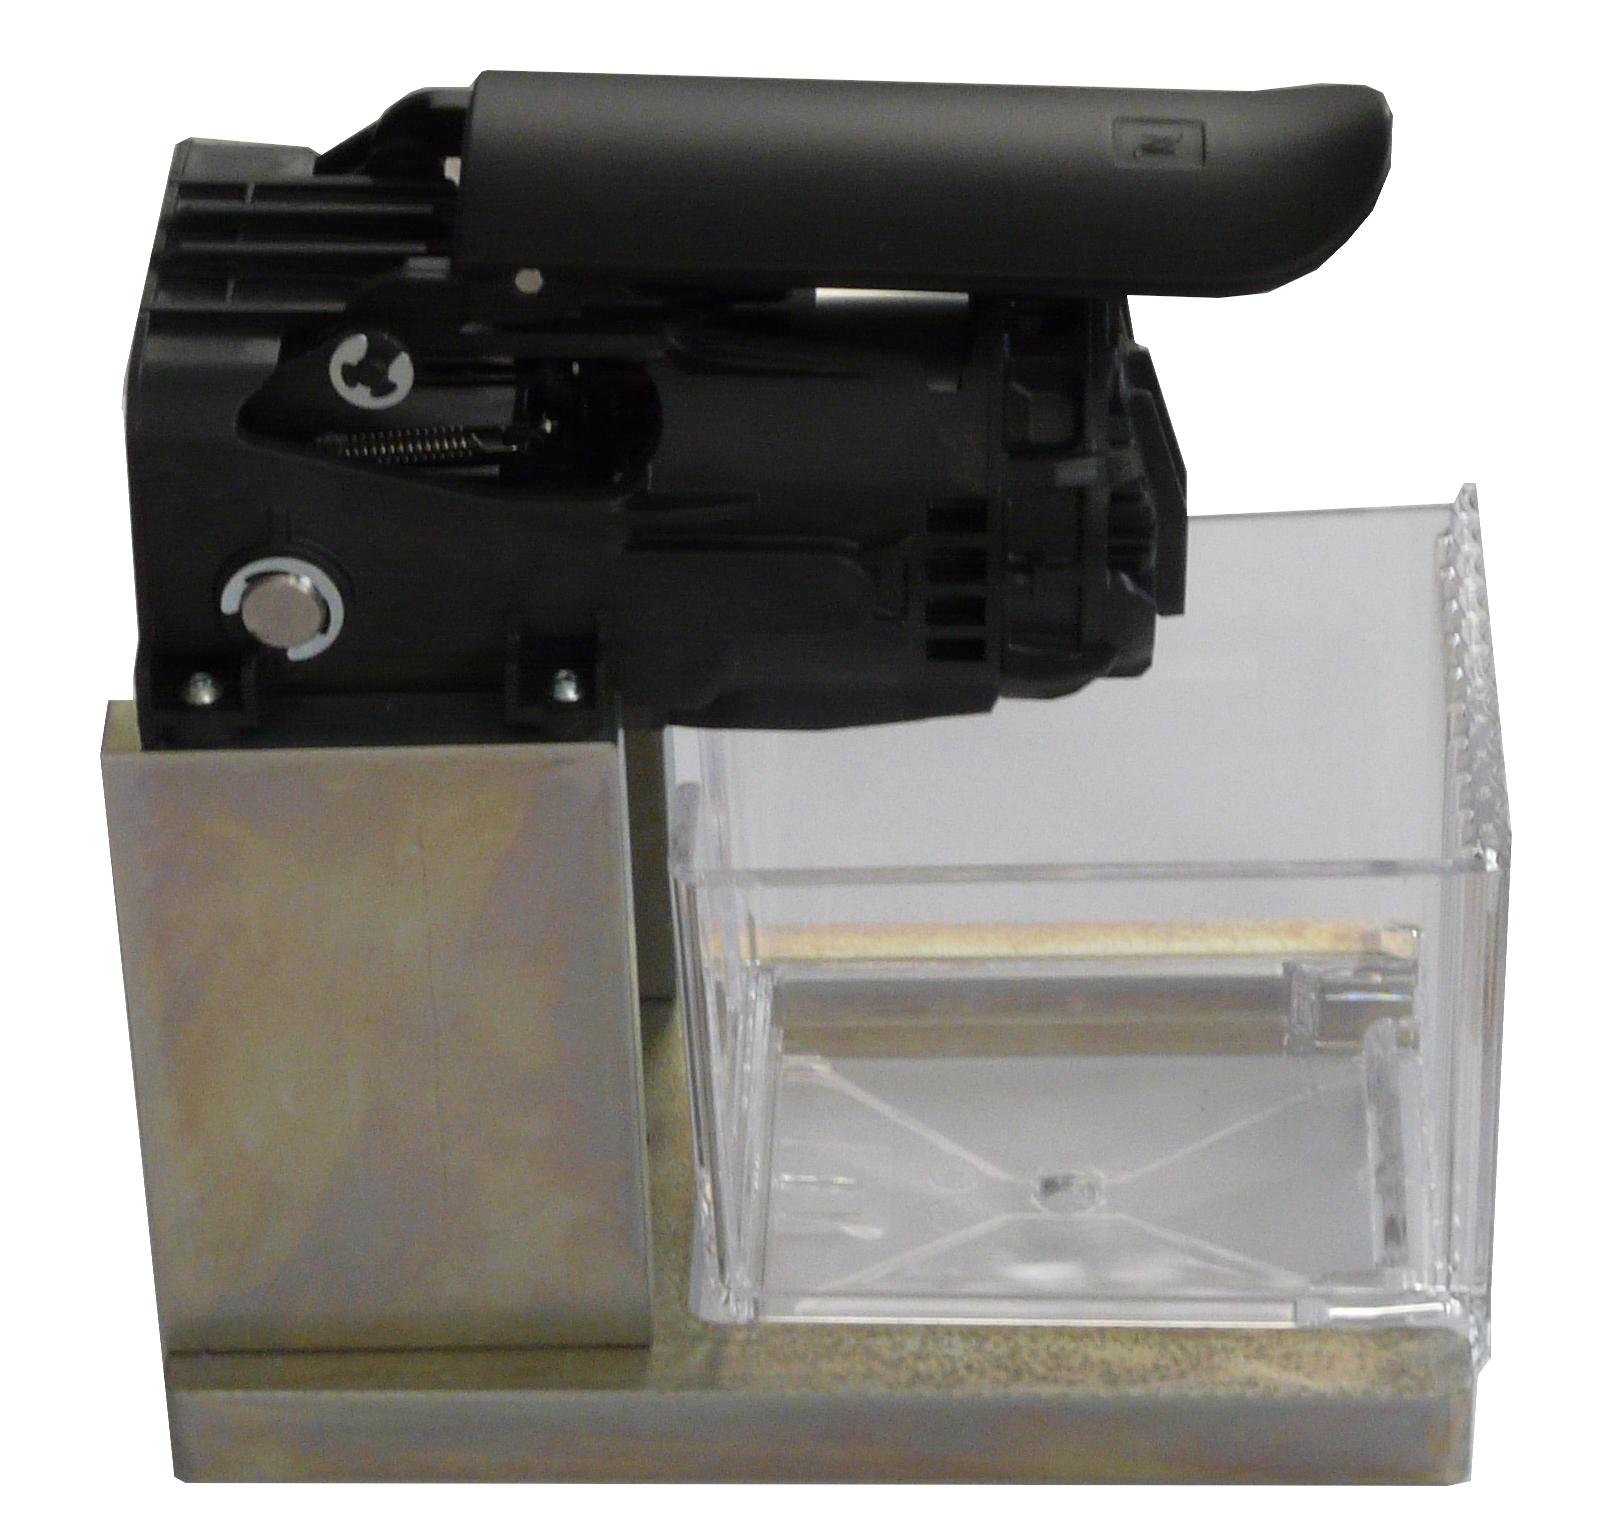 ERM - Coffee Maker using Nespresso capsules